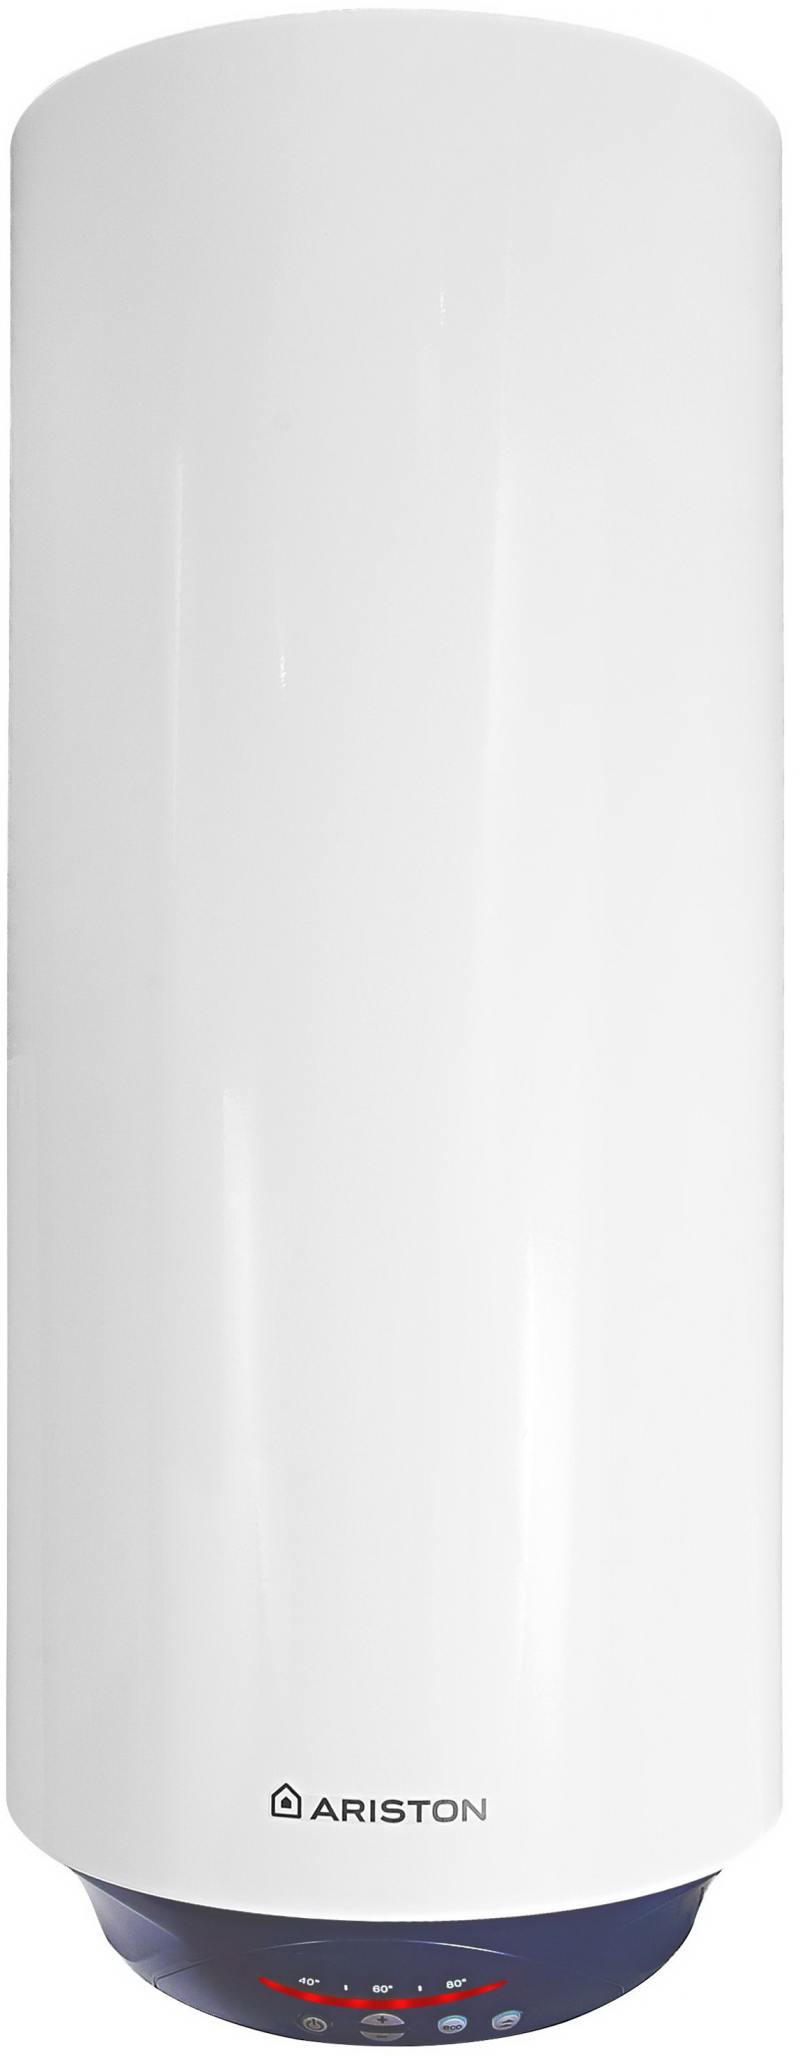 Водонагреватель накопительный Ariston ABS BLU ECO PW 50 V SLIM 50л 2.5кВт белый m